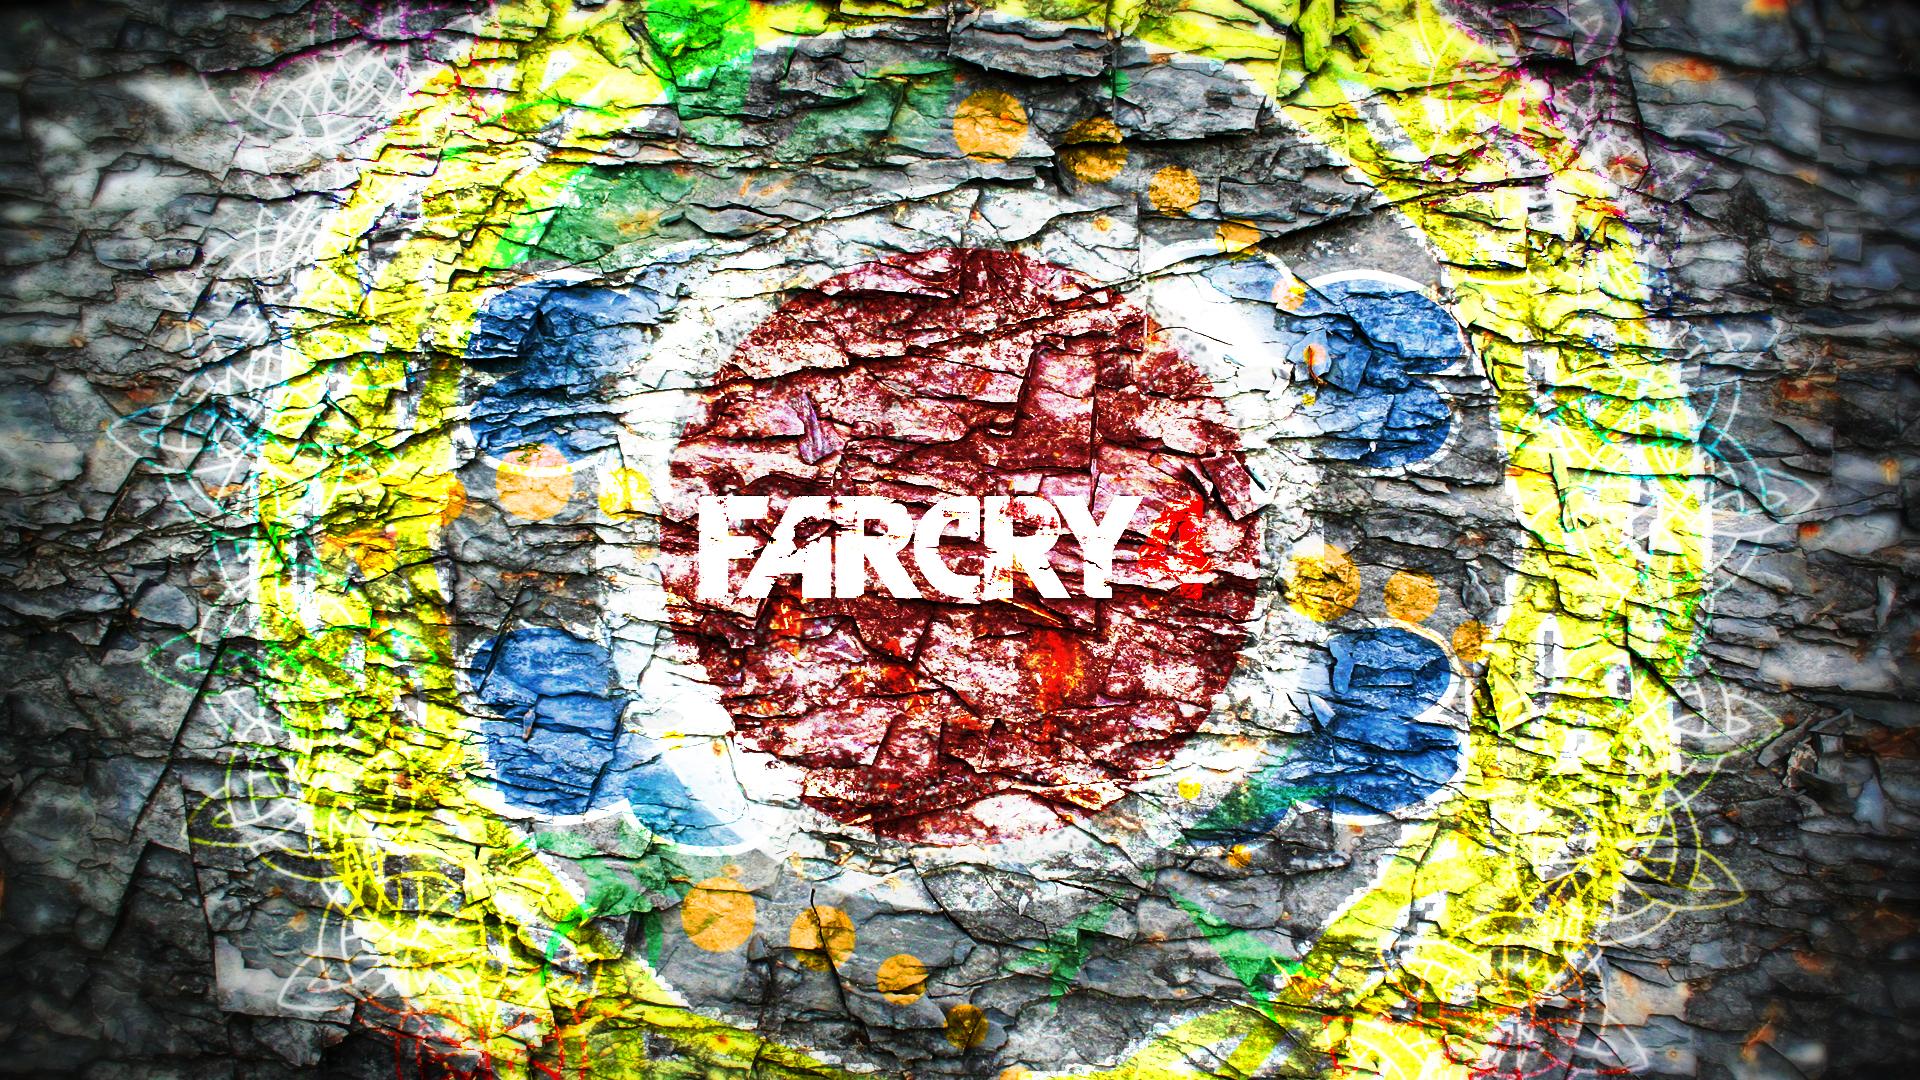 Far Cry 4 Wallpaper By Sorrowda On Deviantart